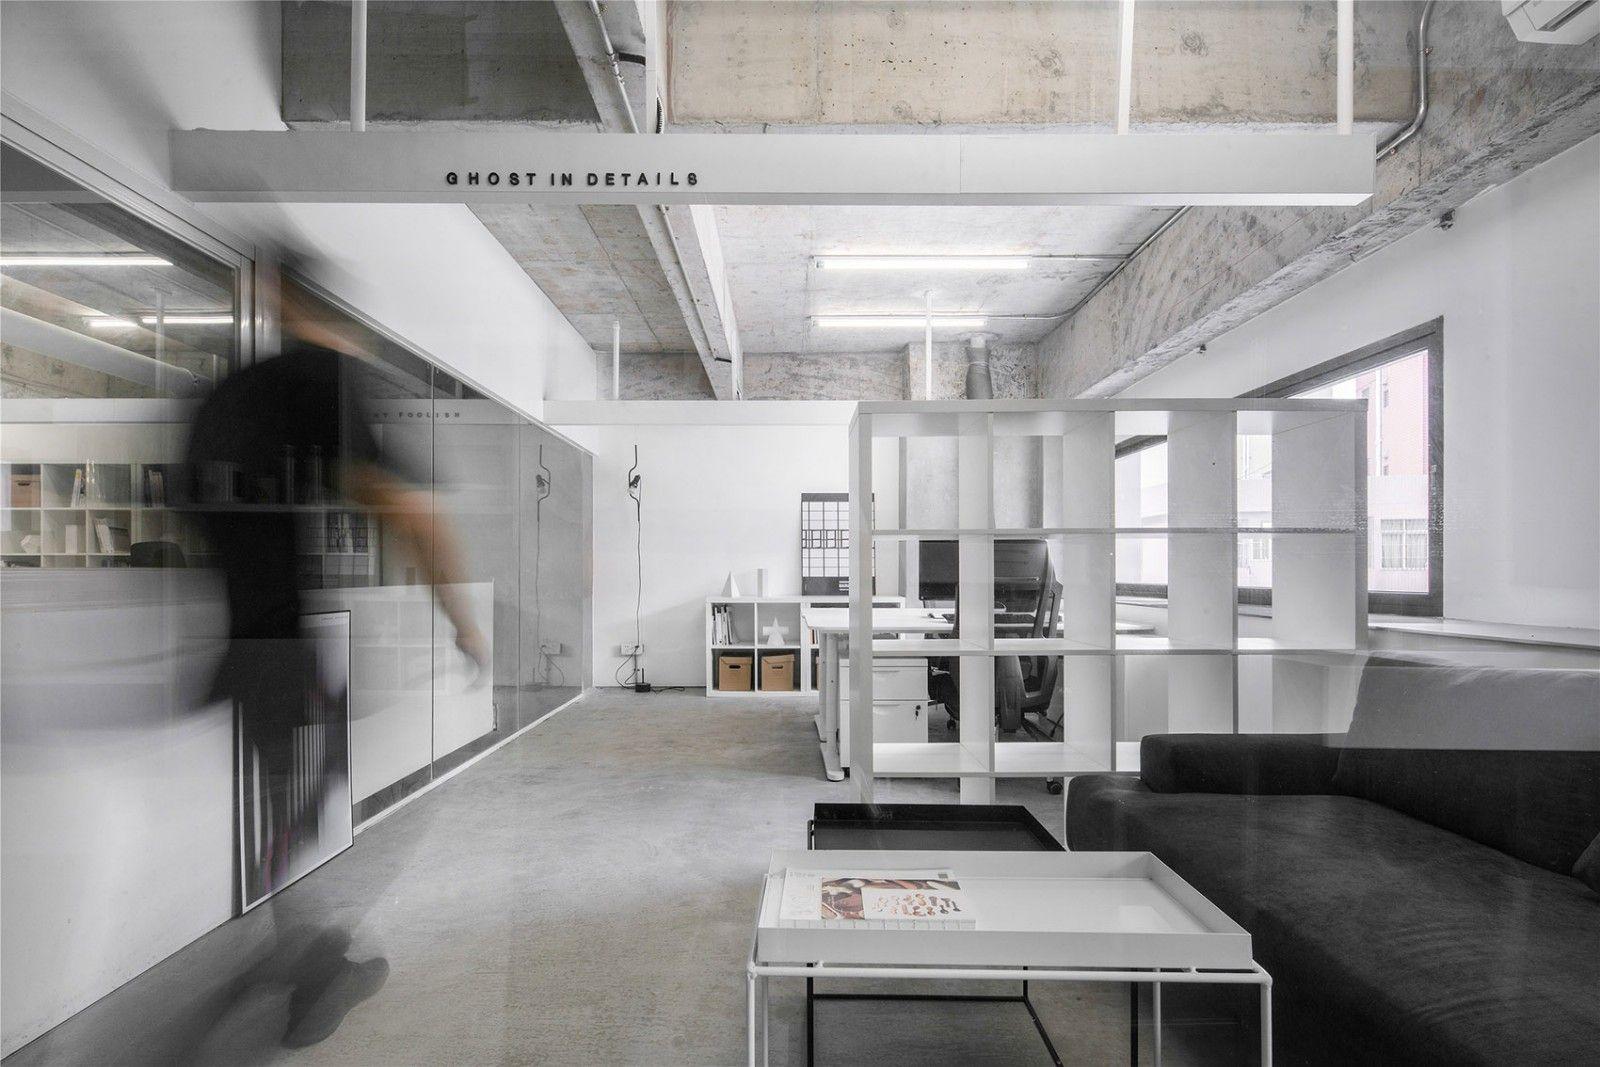 移动的玻璃盒子,广东Edgelab办公空间 | Edgelab边界实验工作室|黄智武、何钢荣 - 16